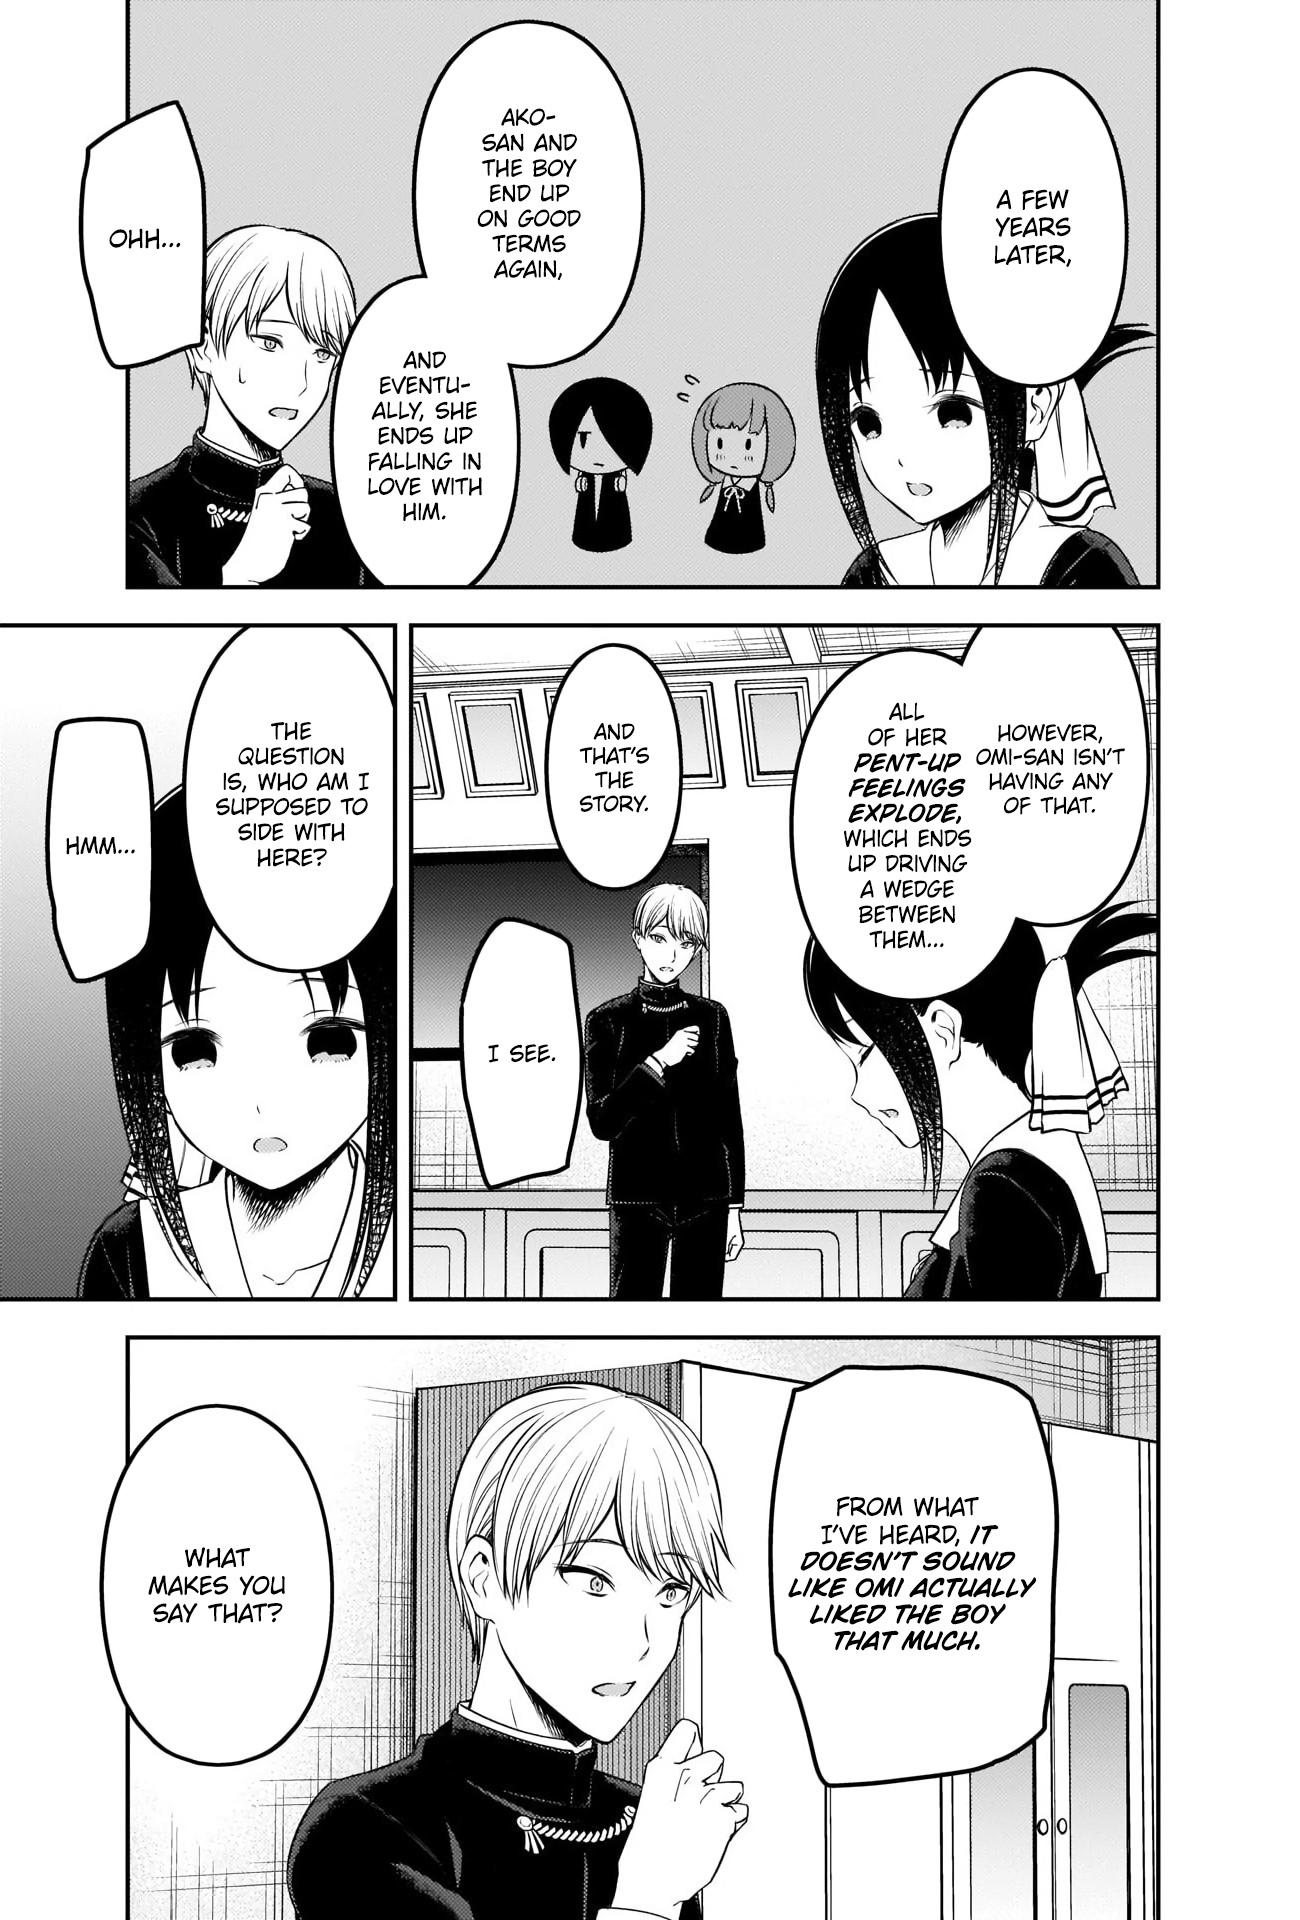 Kaguya-sama: Love Is War 233, image №5